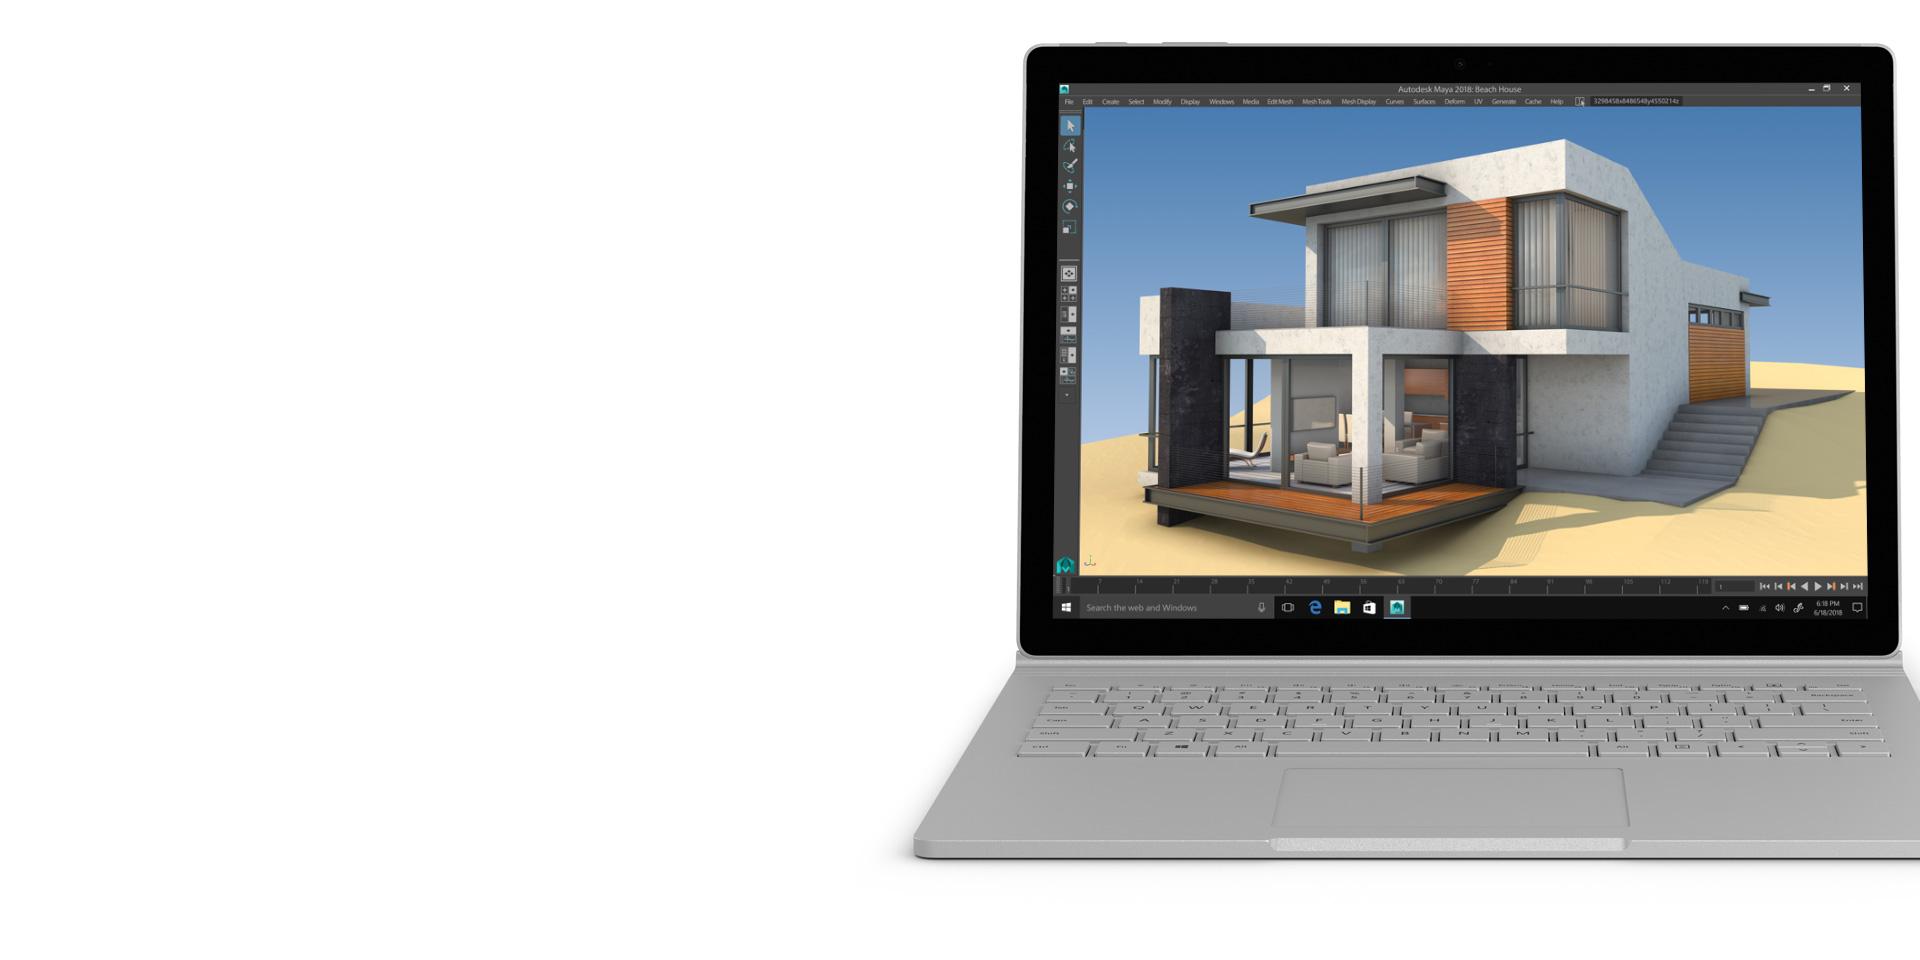 Autodesk Maya op een Surface Book 2-scherm